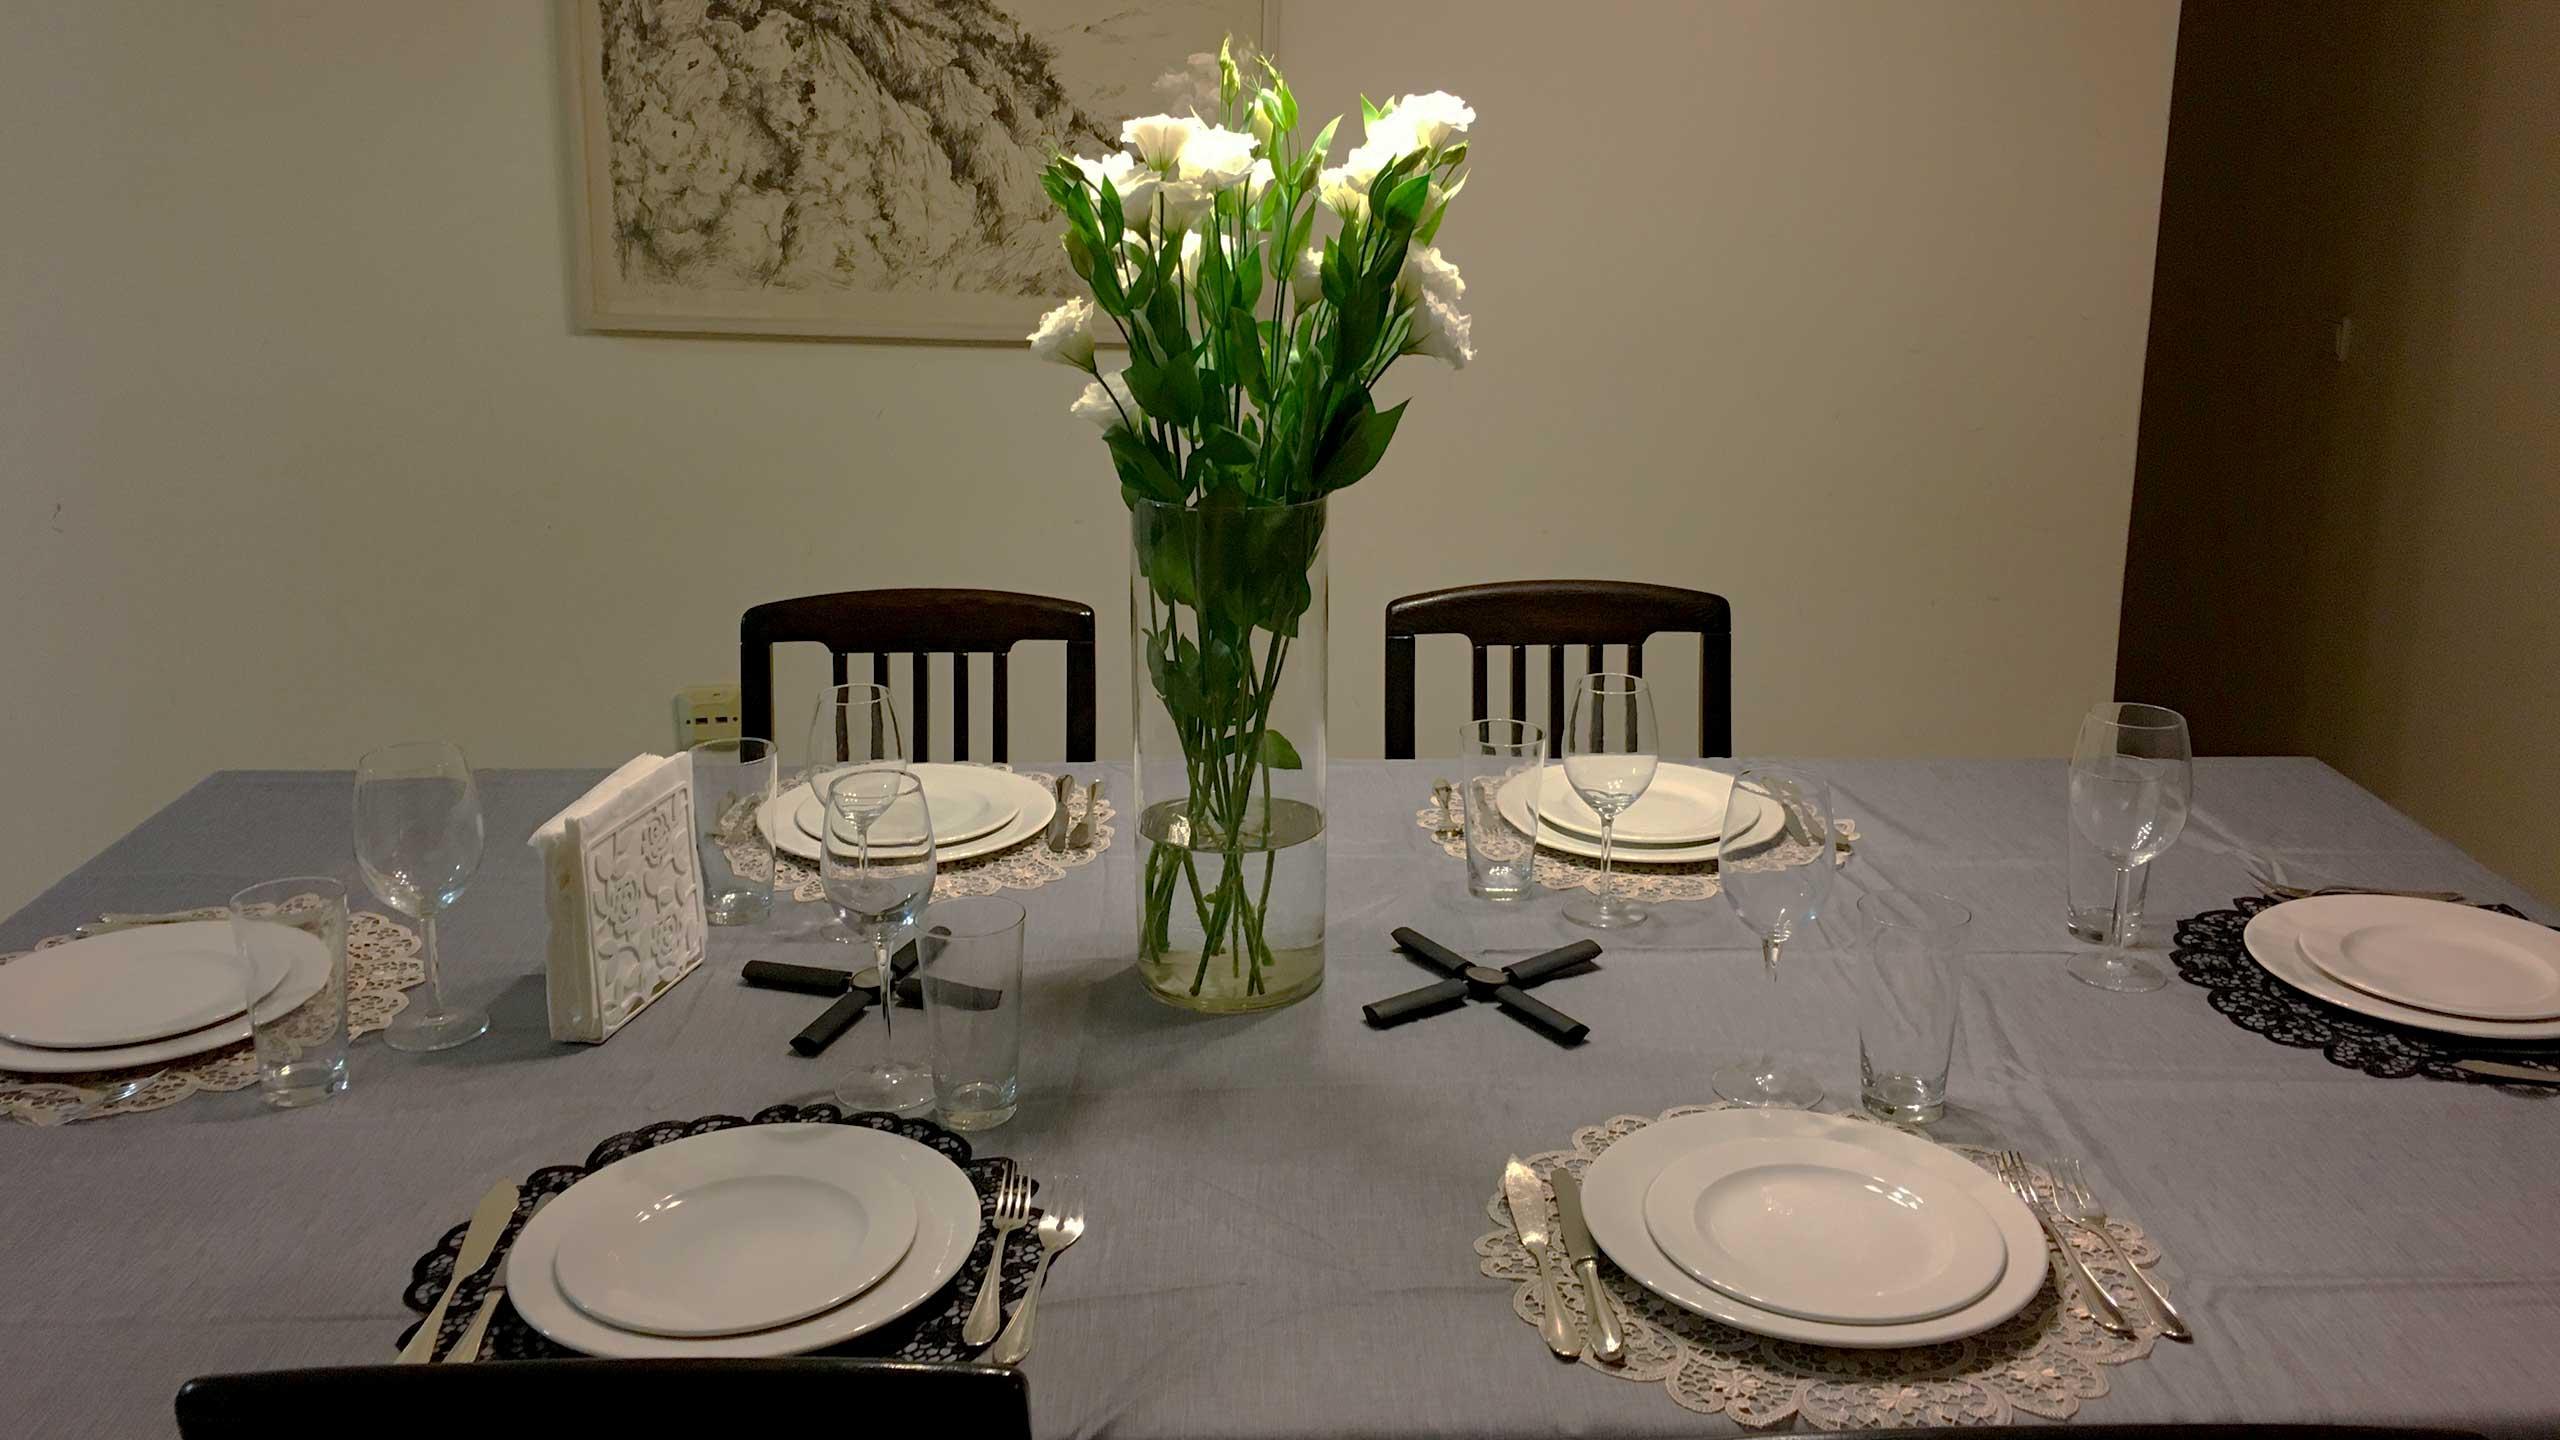 ארוחת-דגים-בעיר-השולחן